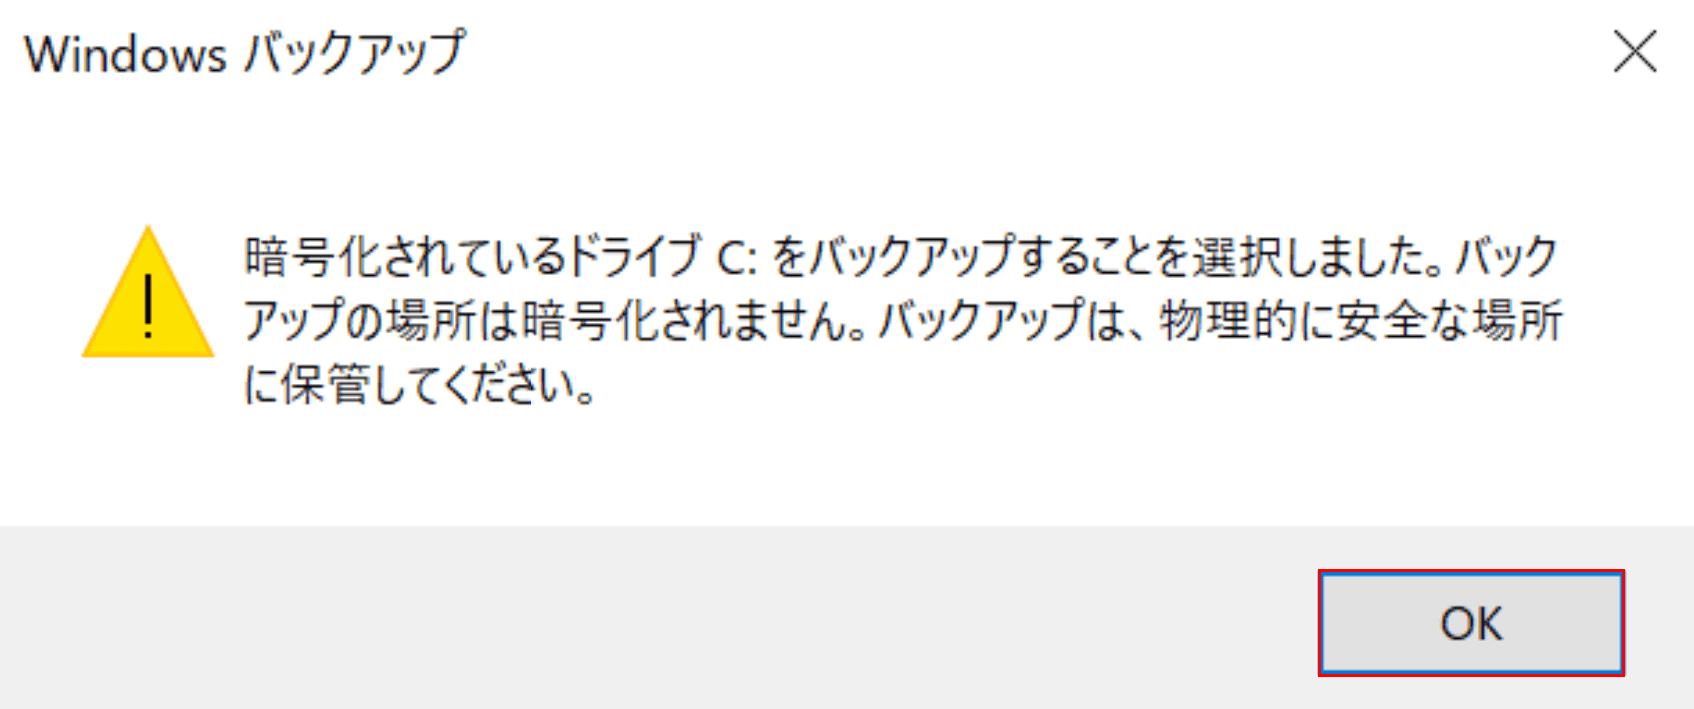 Windowsバックアップのダイアログボック